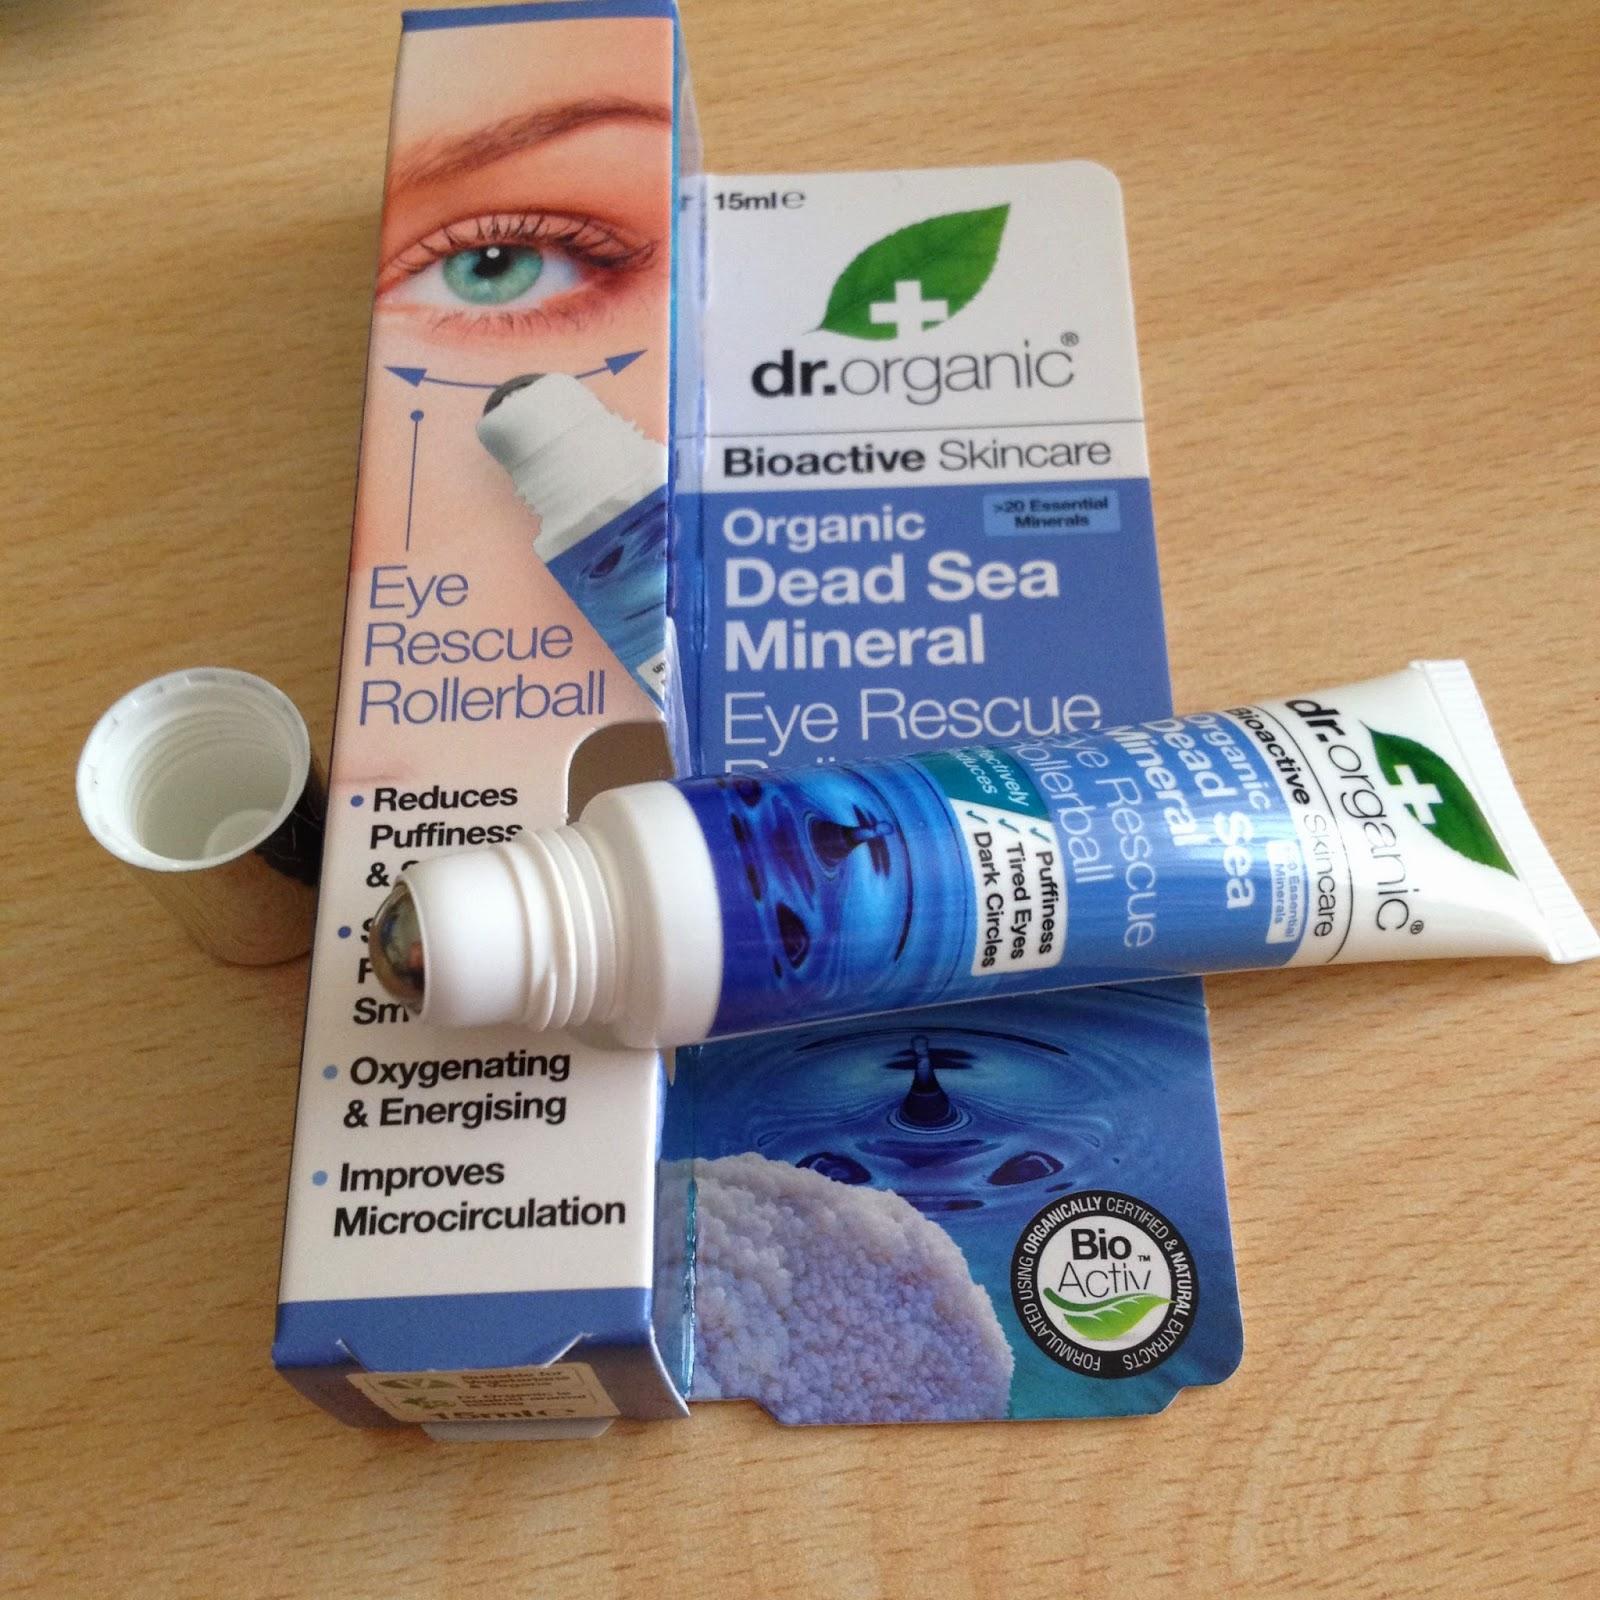 Dr. Organic Eye Rescue Rollerball